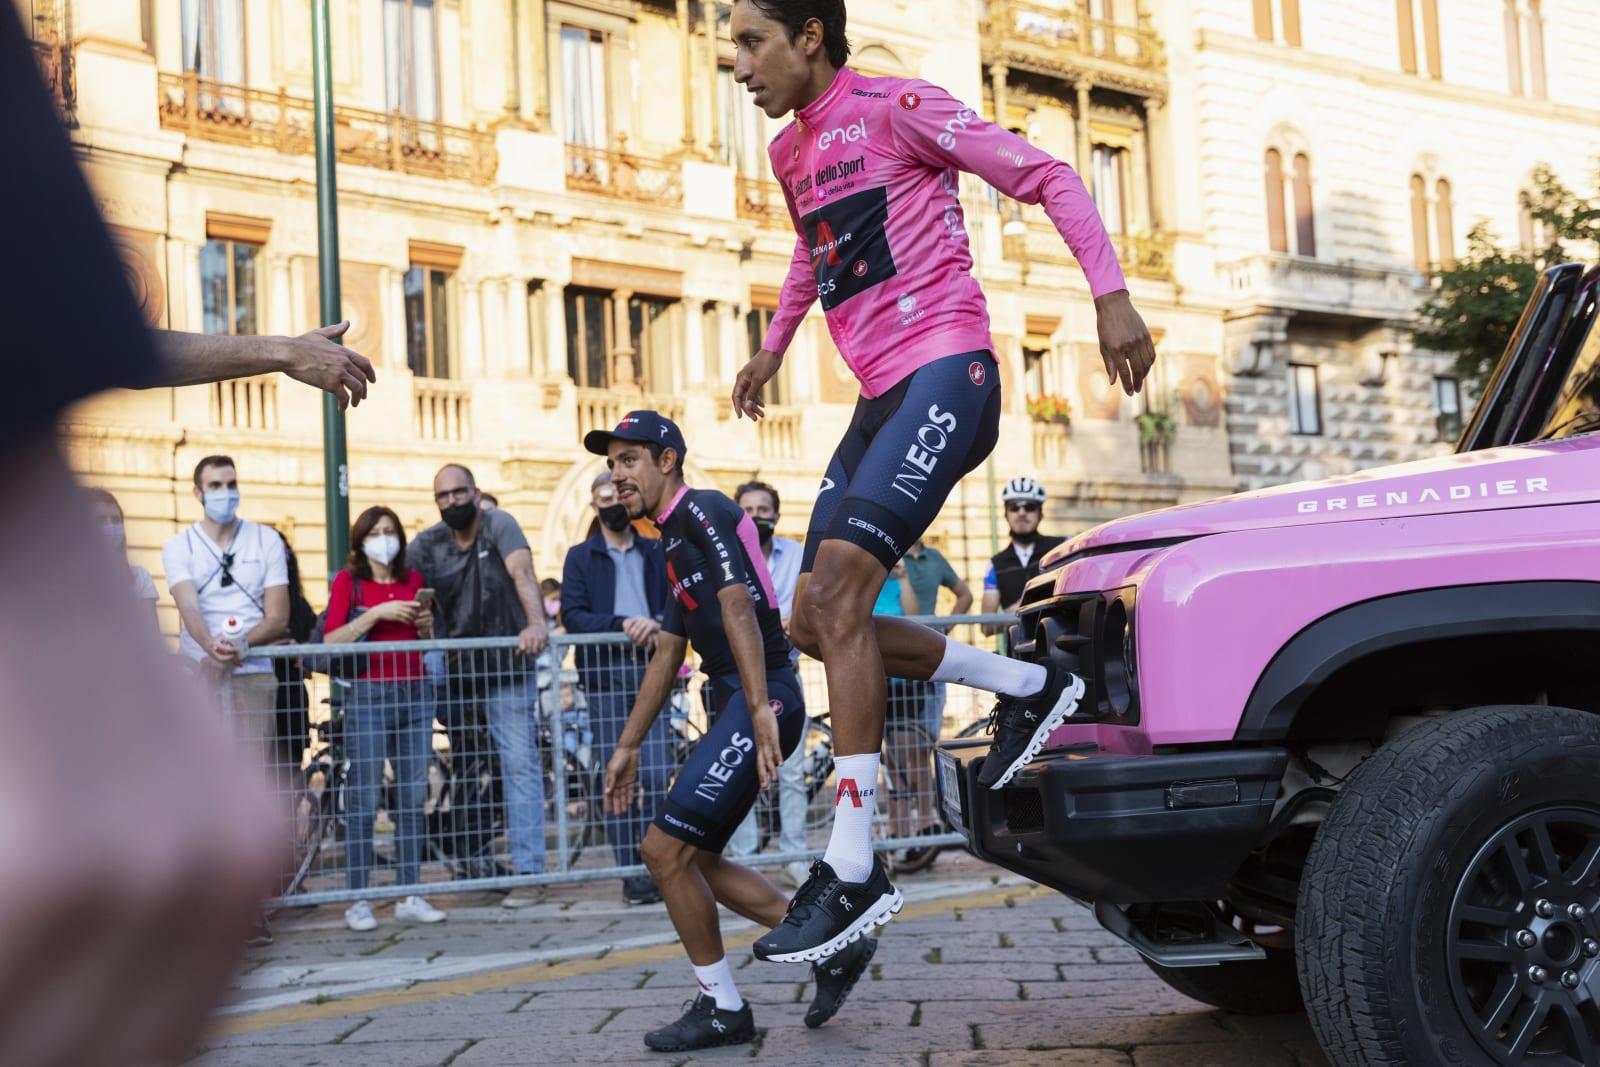 Egan Bernal se více než rok trápil s bolestmi zad, ale teď už je mu zase do skoku... Foto: ineosgrenadiers.com